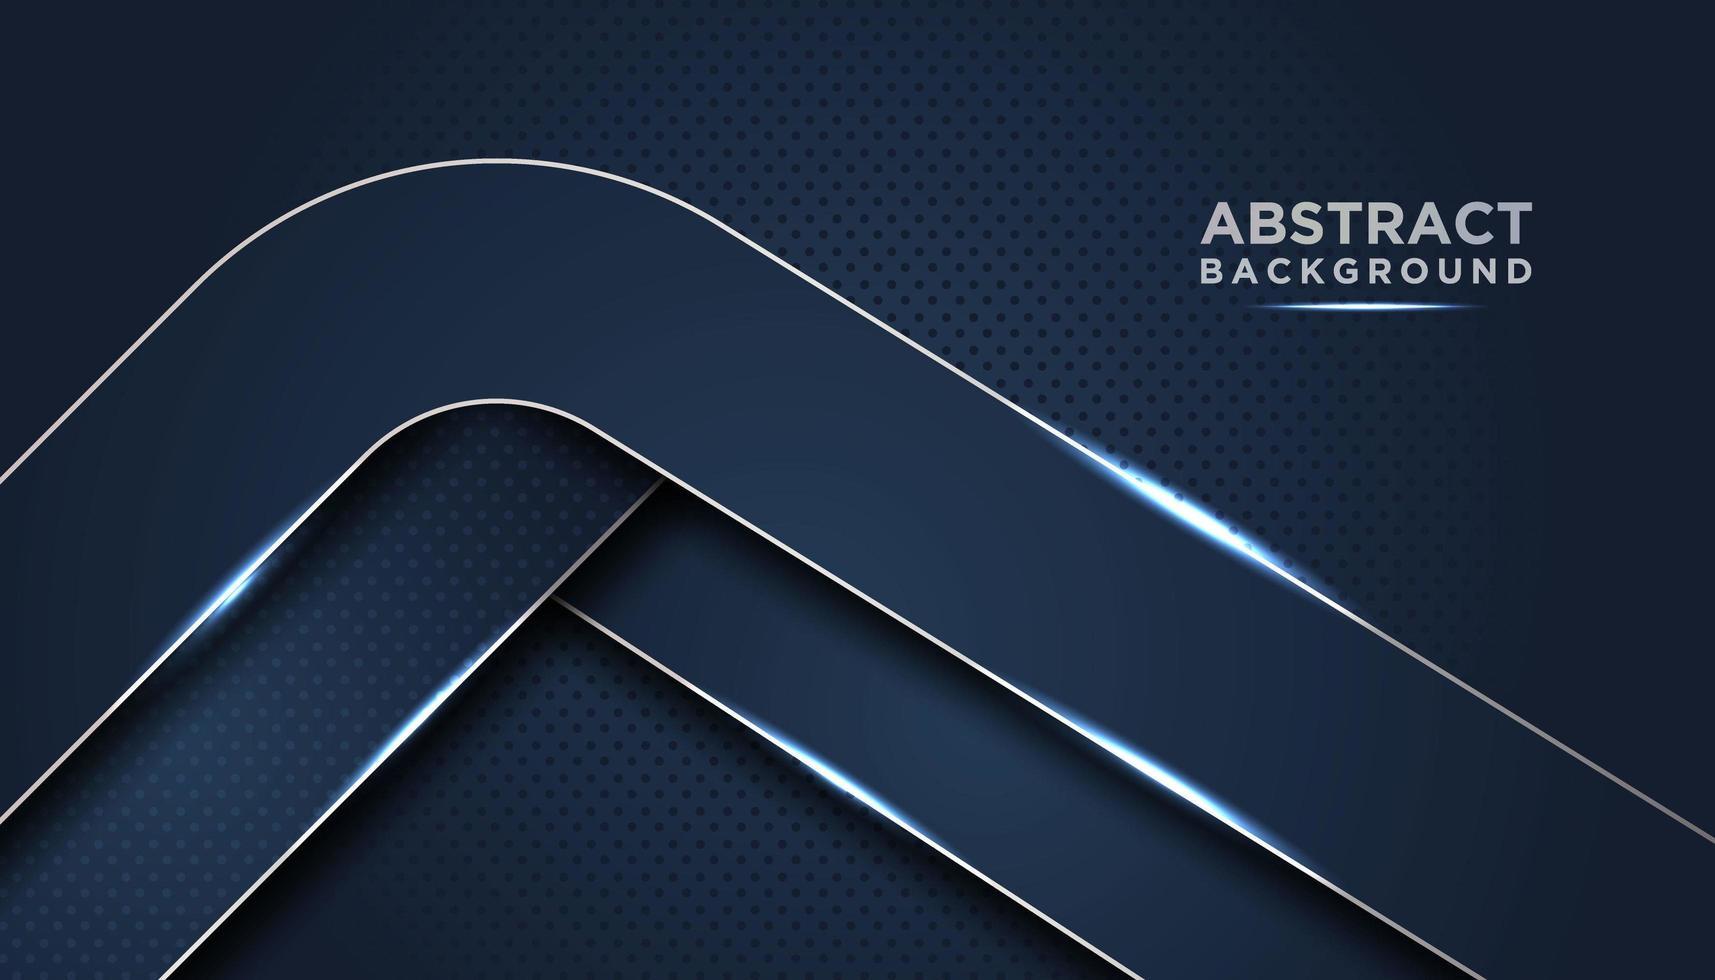 Fondo abstracto azul oscuro con capas redondeadas vector